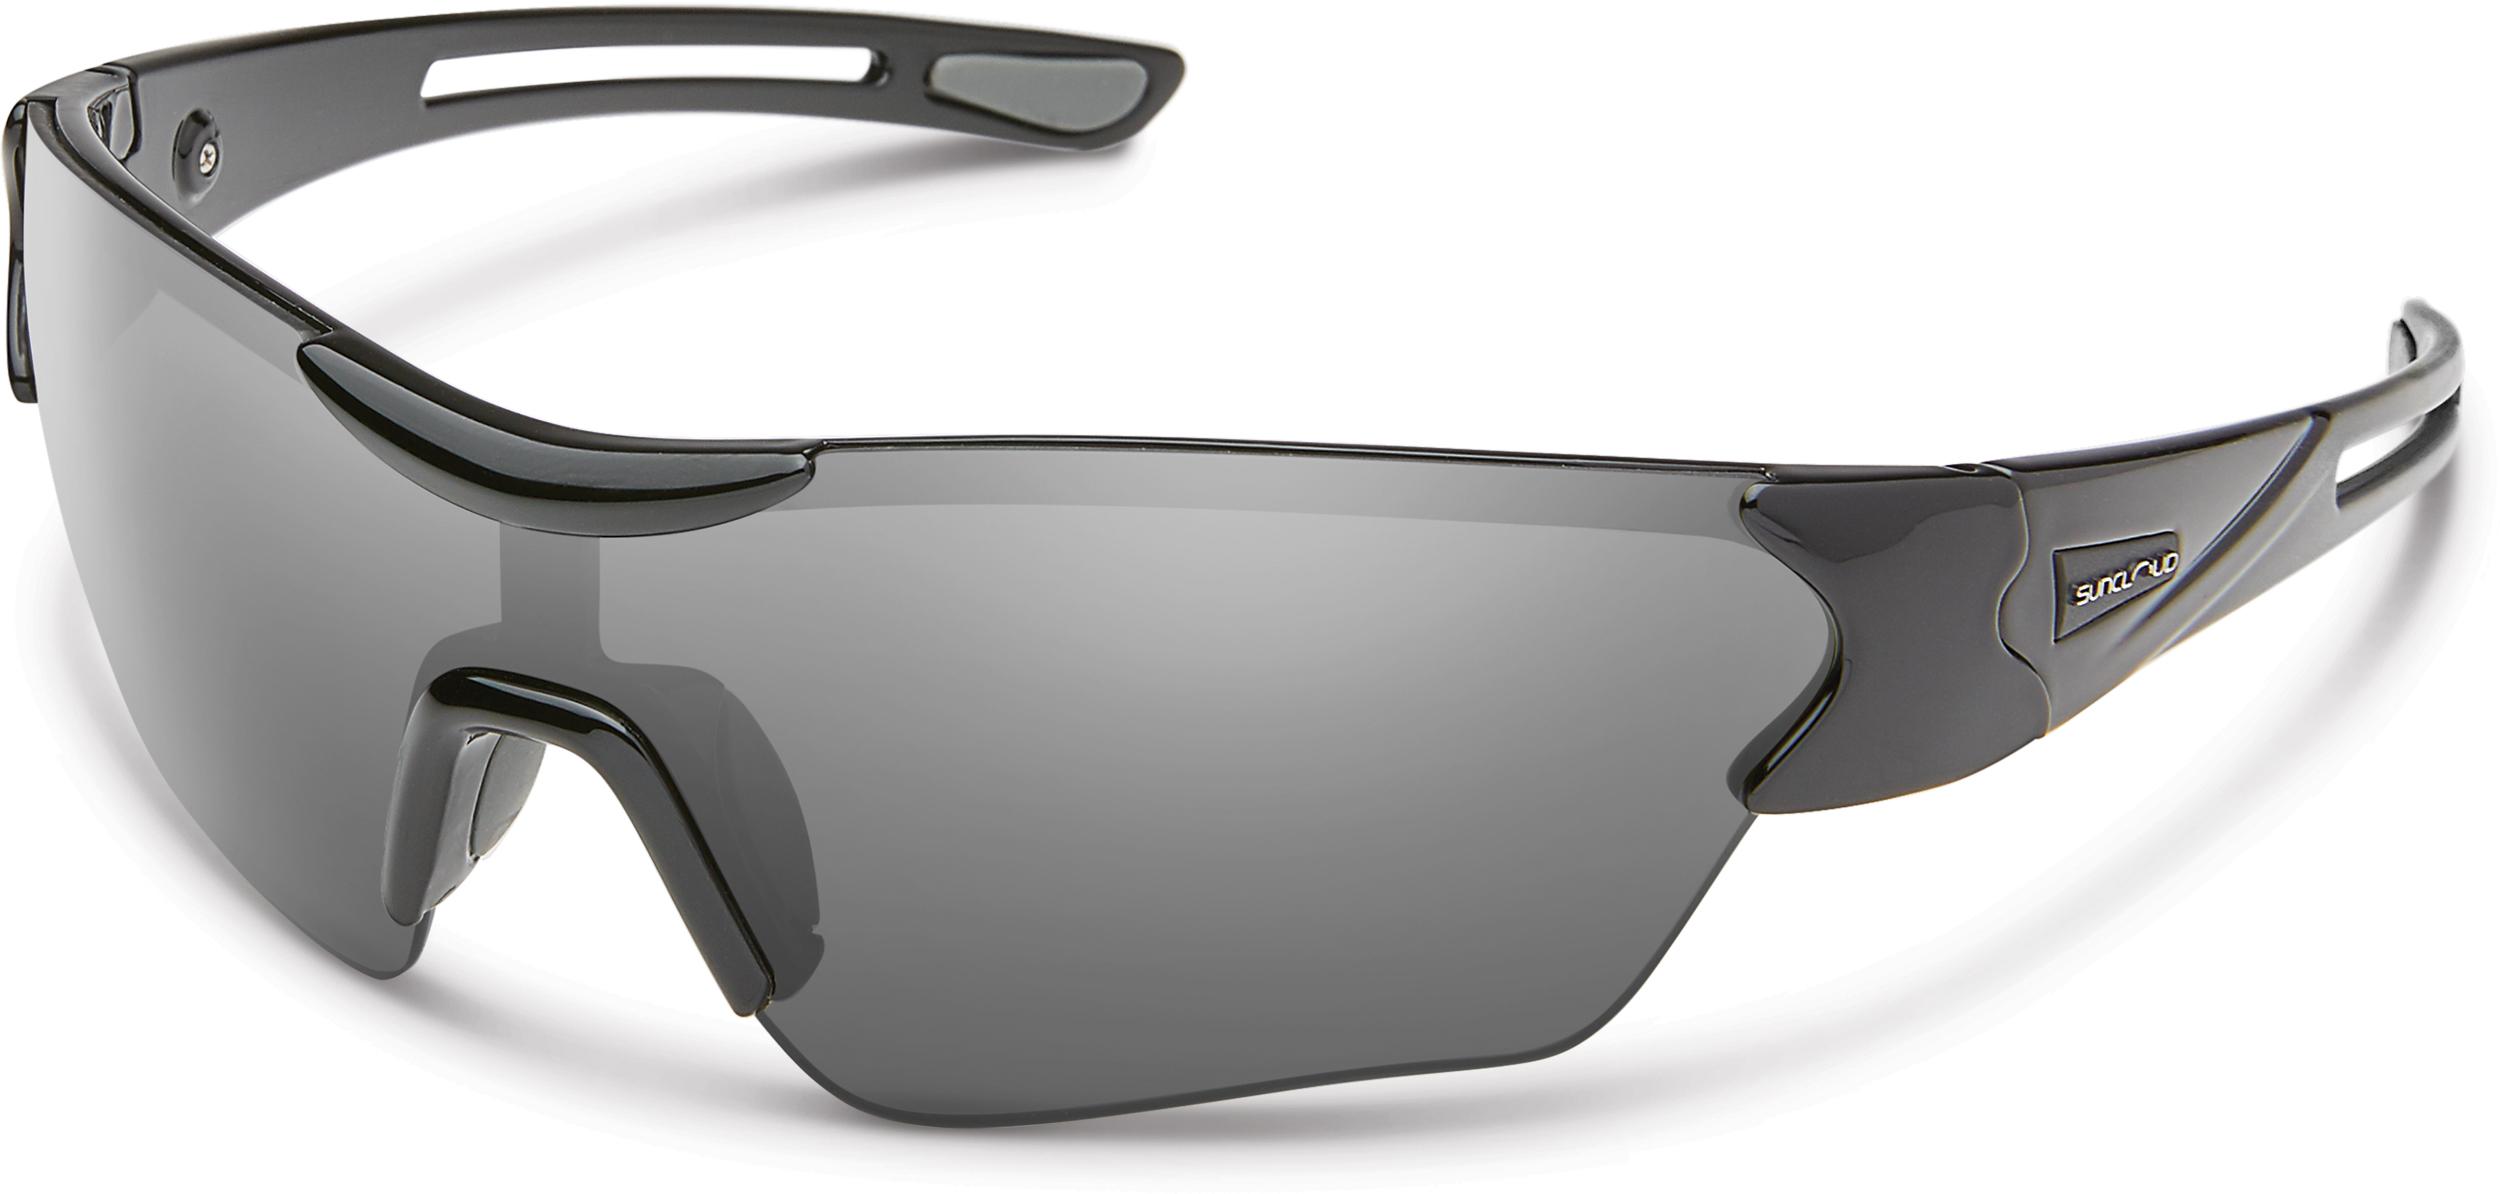 438a084d0d Suncloud Hotline Polarized Sunglasses - Unisex